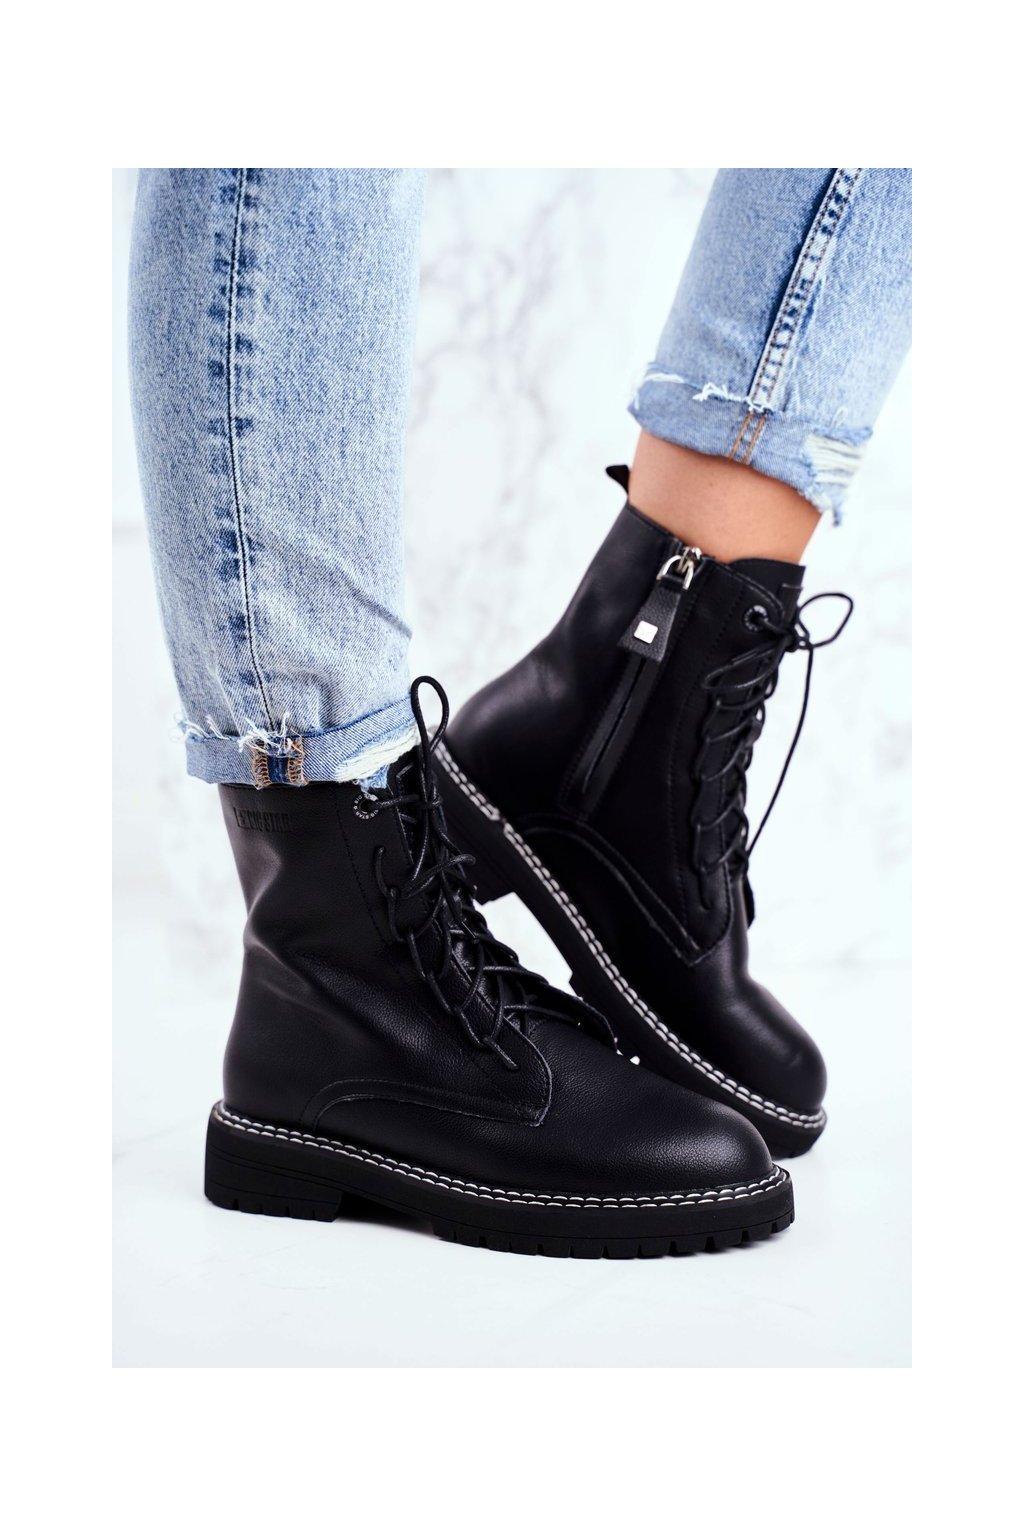 Členkové topánky na podpätku farba čierna kód obuvi GG274596 BLK